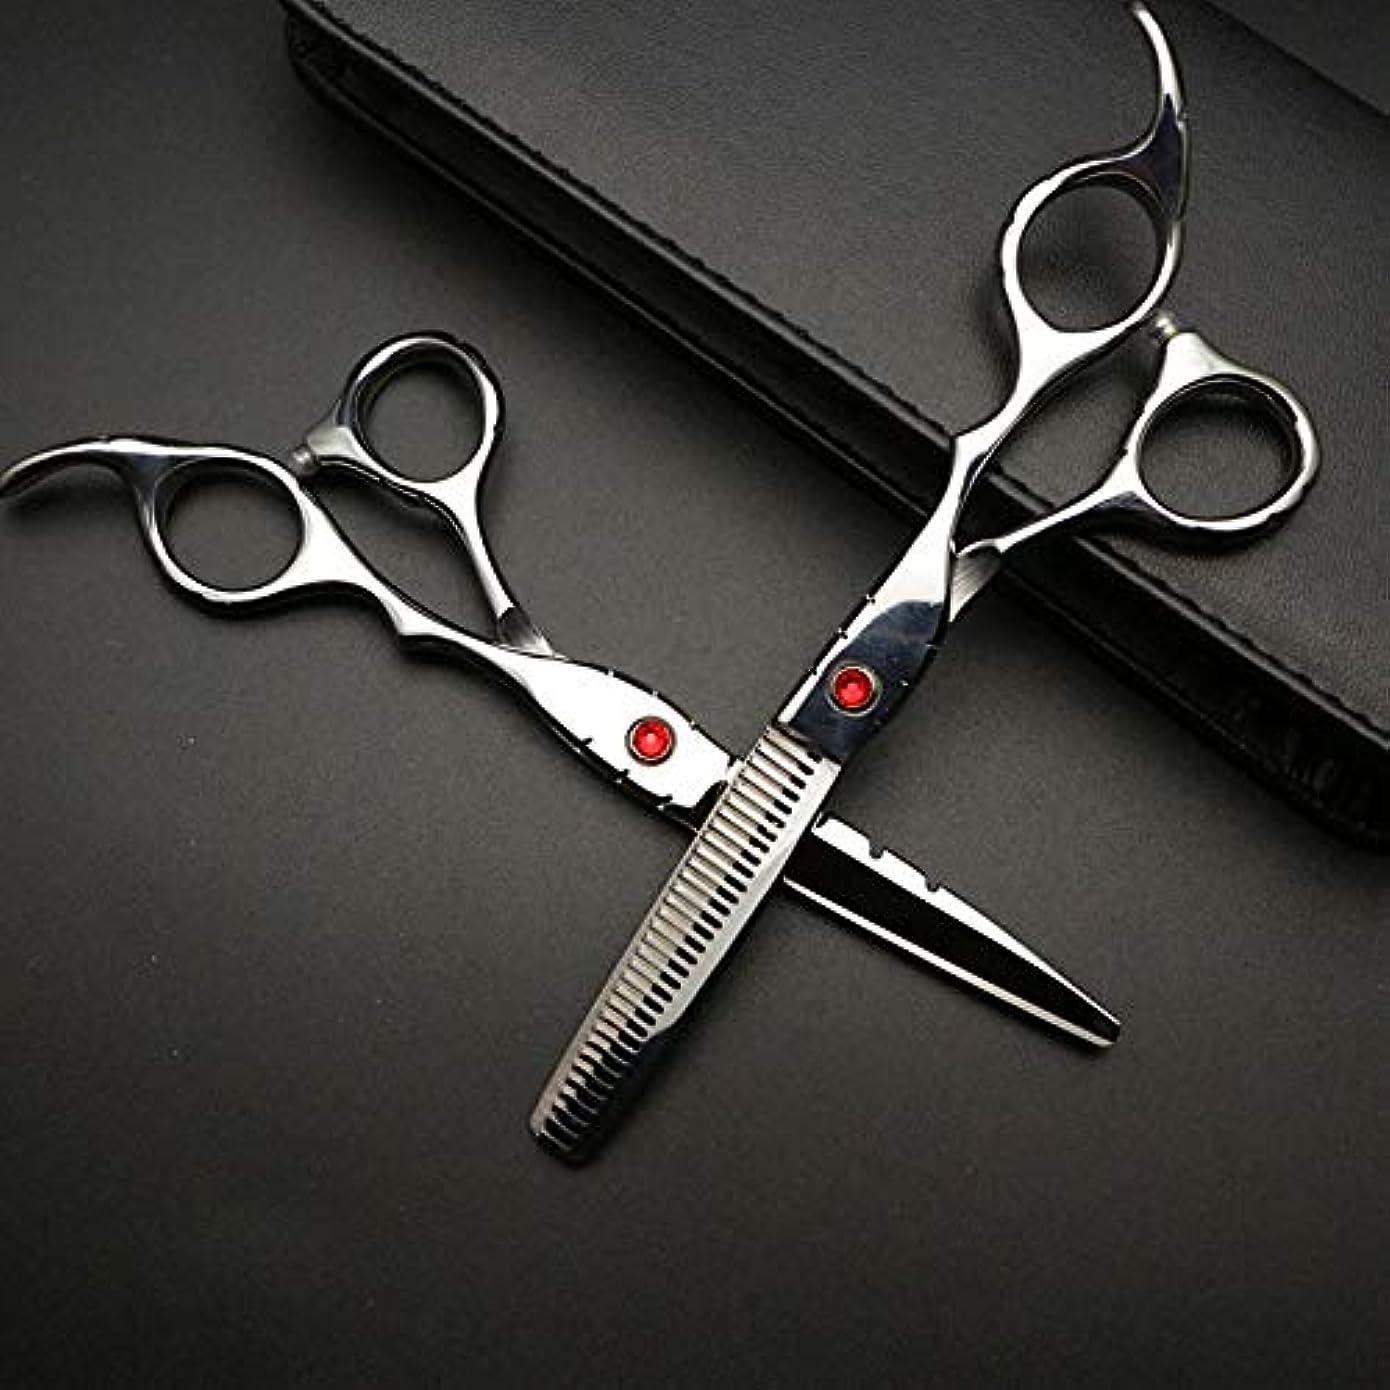 平行海洋のファントム6インチ美容院プロフェッショナル理髪セット、ハイエンド理髪はさみセット ヘアケア (色 : Silver)